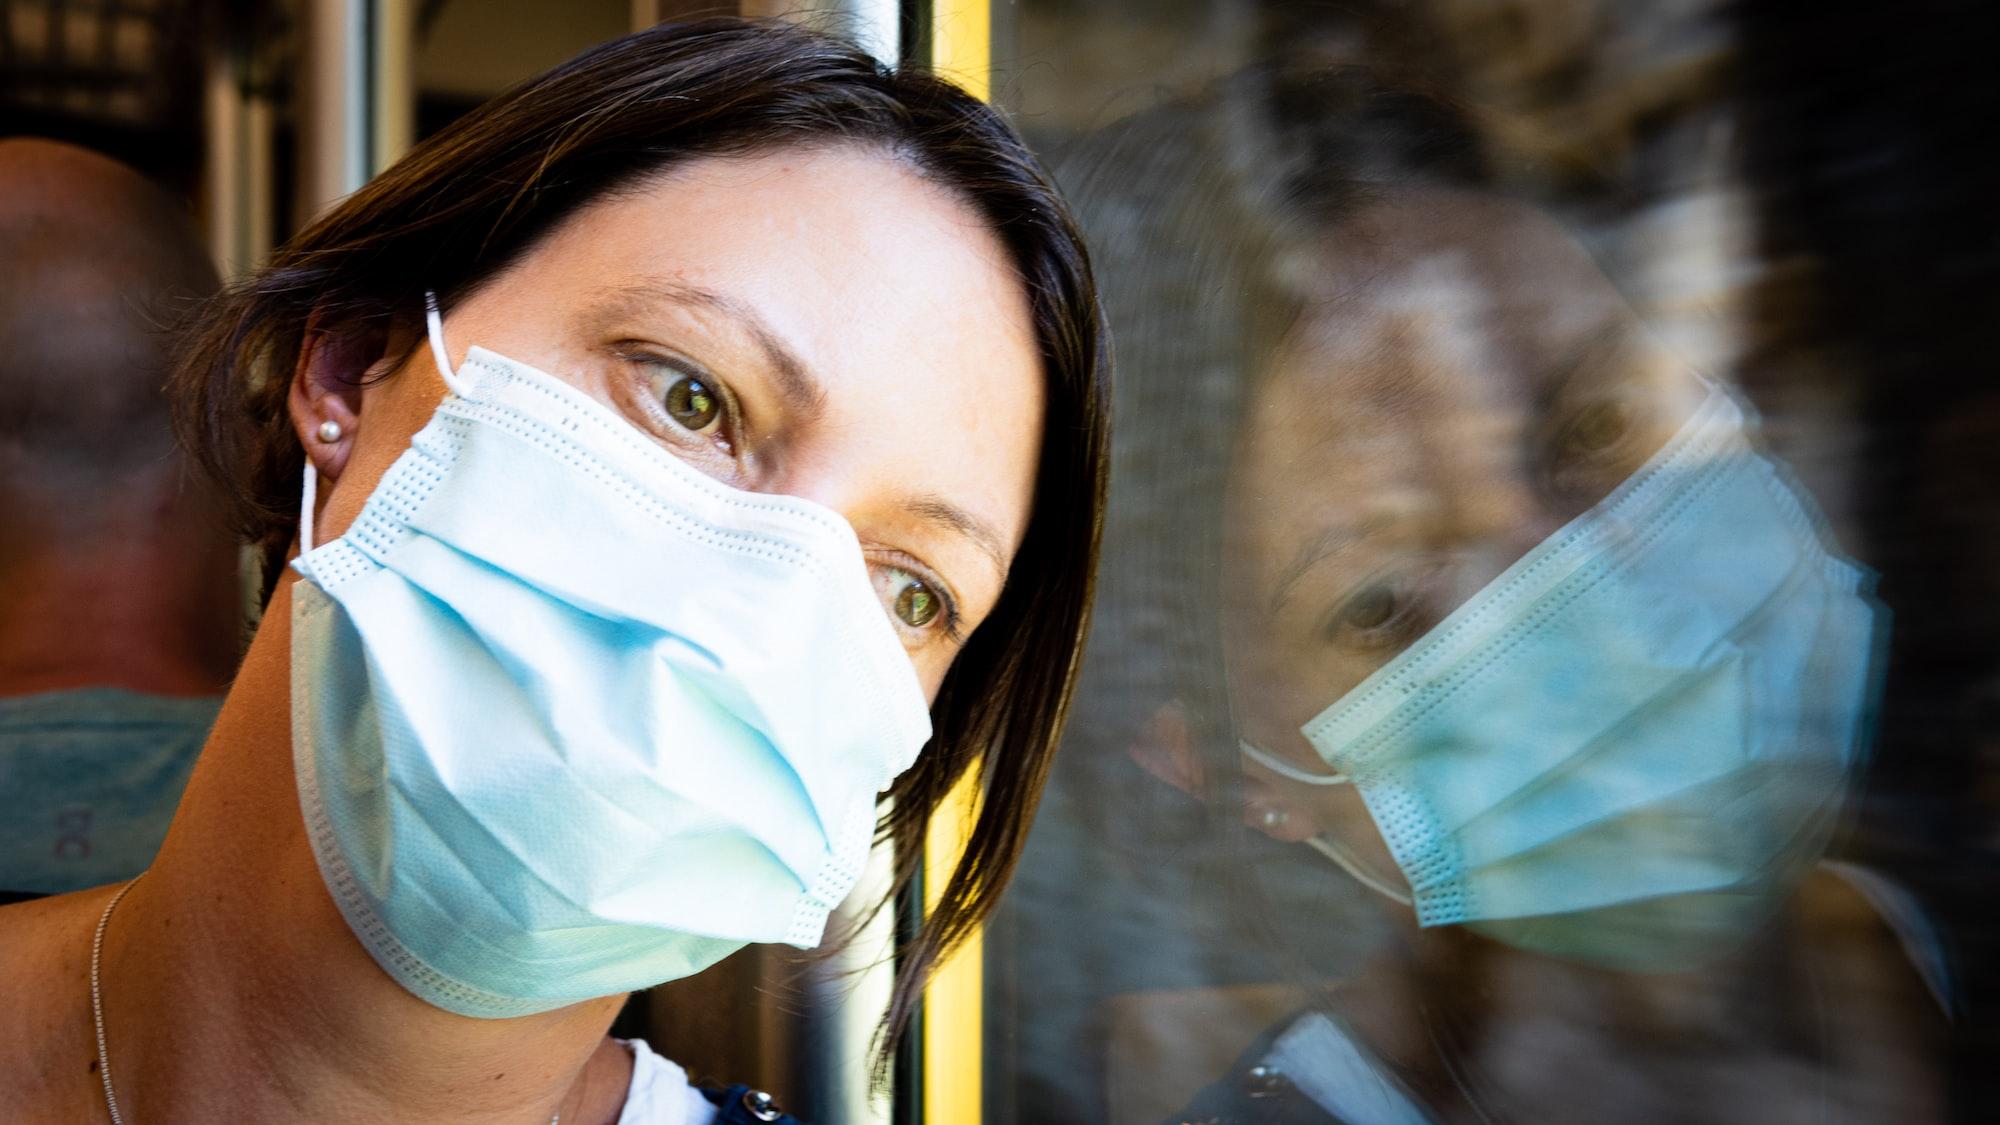 Koronawirus Małopolska [13 kwietnia]: Szczegółowe dane - zakażenia, zgony